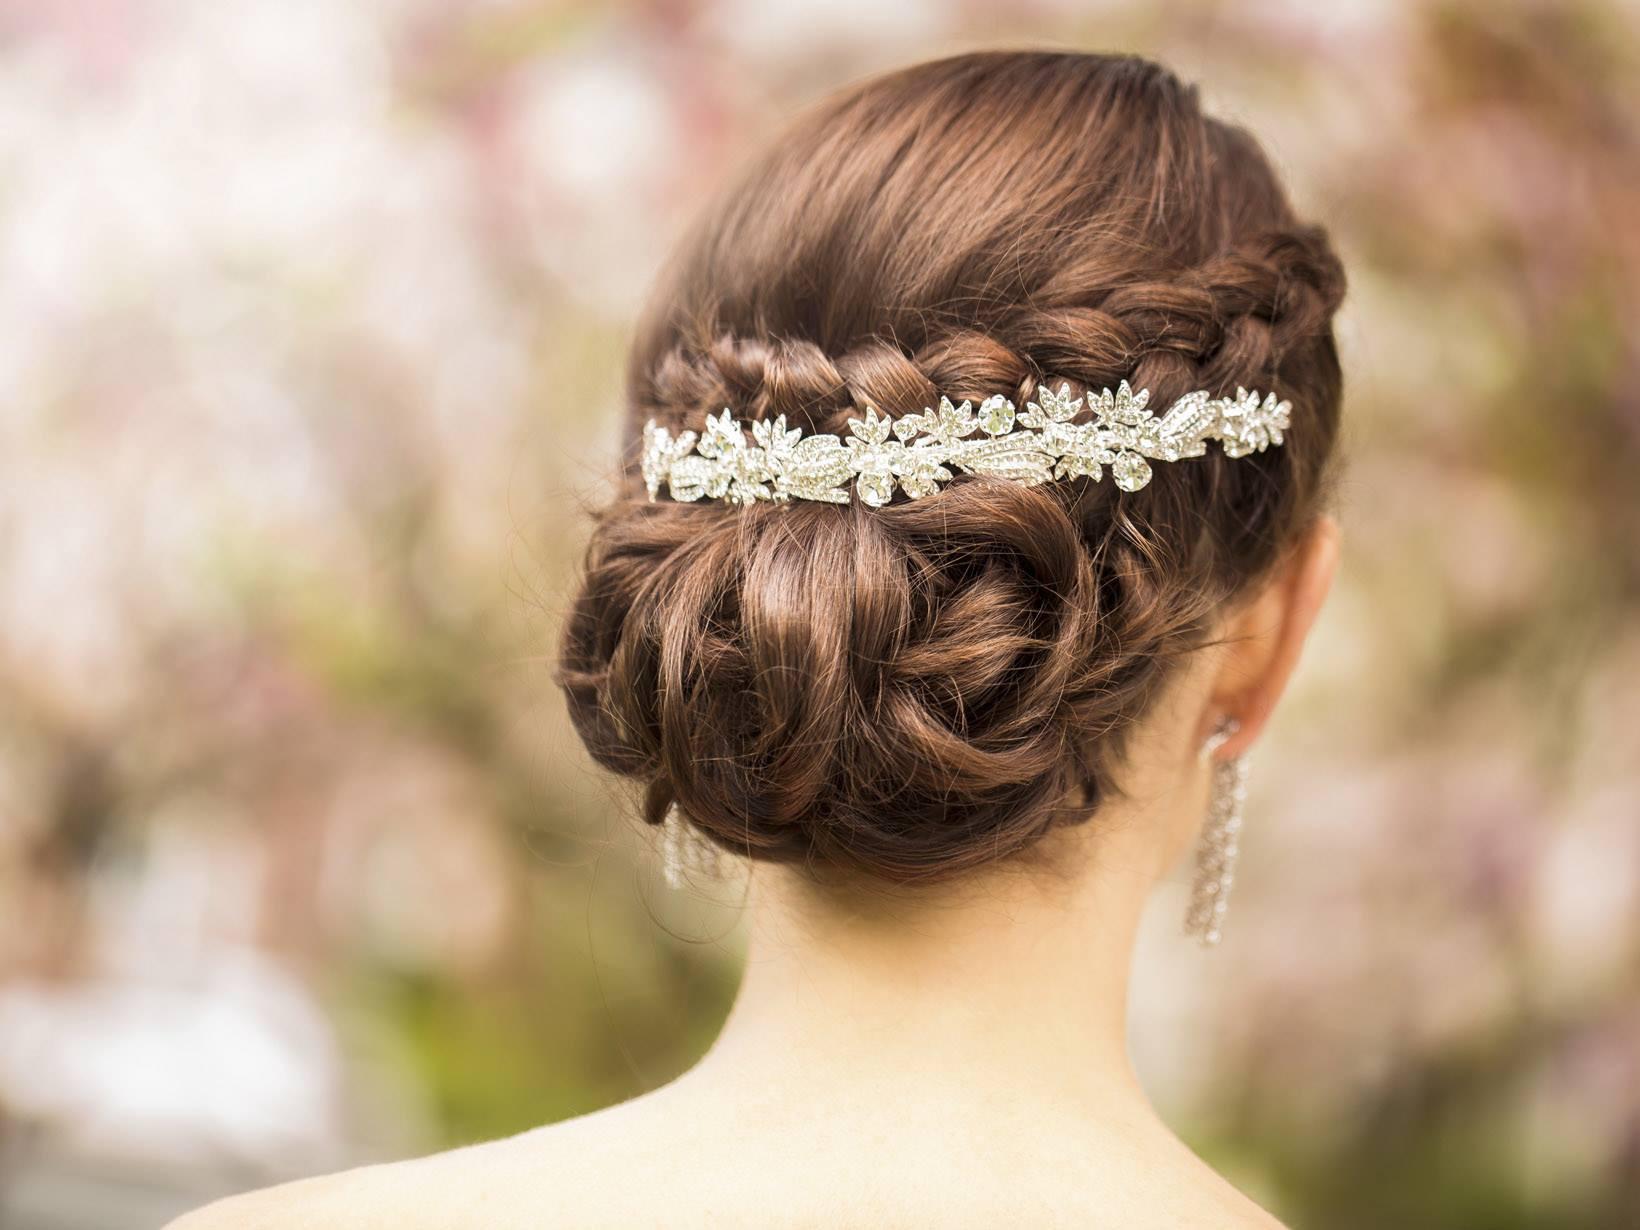 Flechtfrisuren Hochzeit  Flechtfrisuren zur Hochzeit Inspiration für Braut